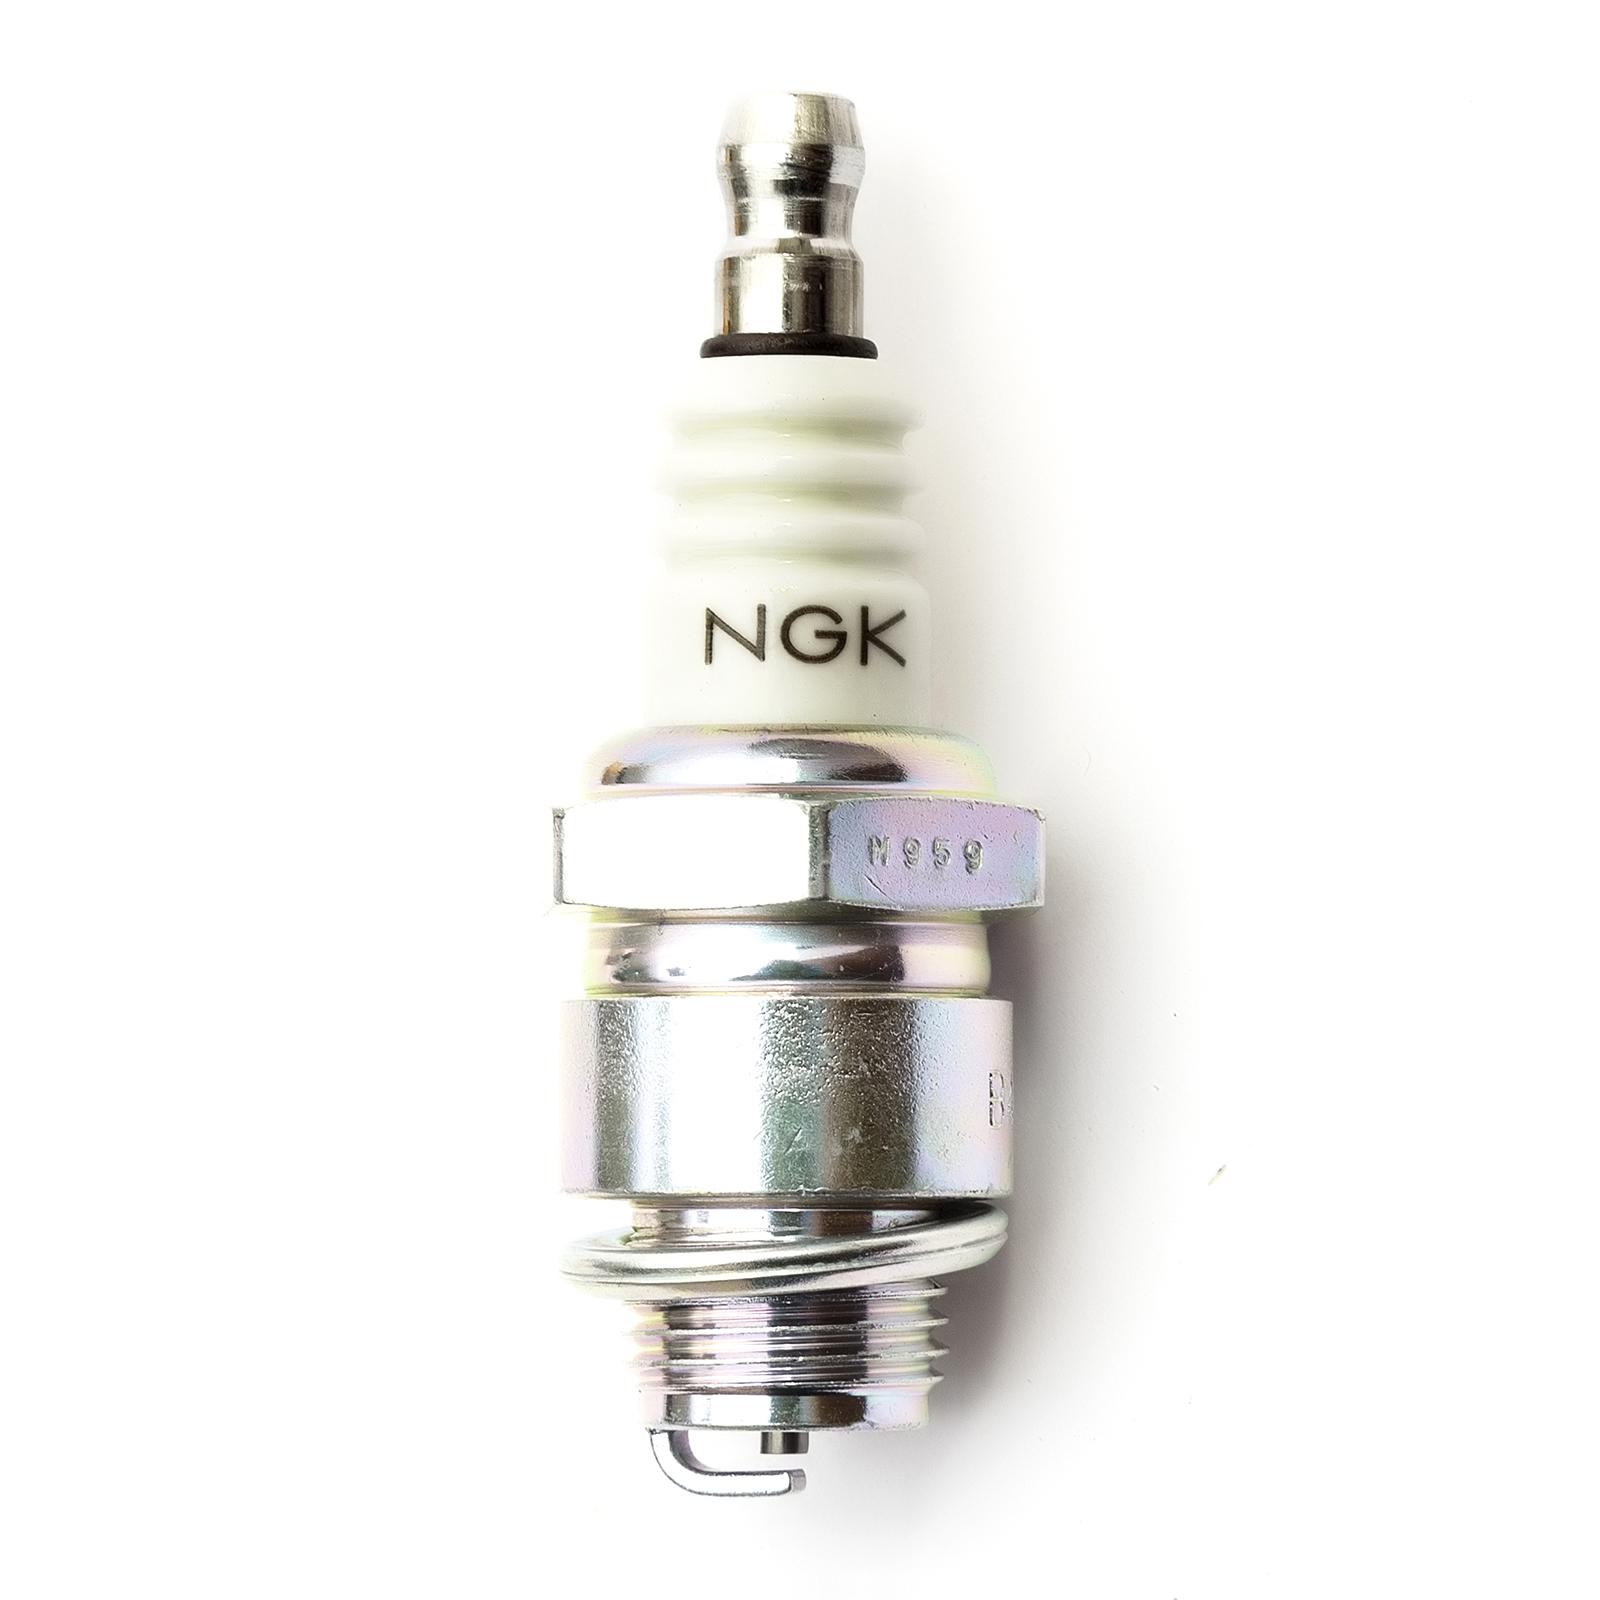 5x NGK B4-LM Bougie 3410 Lot de 5 fiches Rapide Envoi